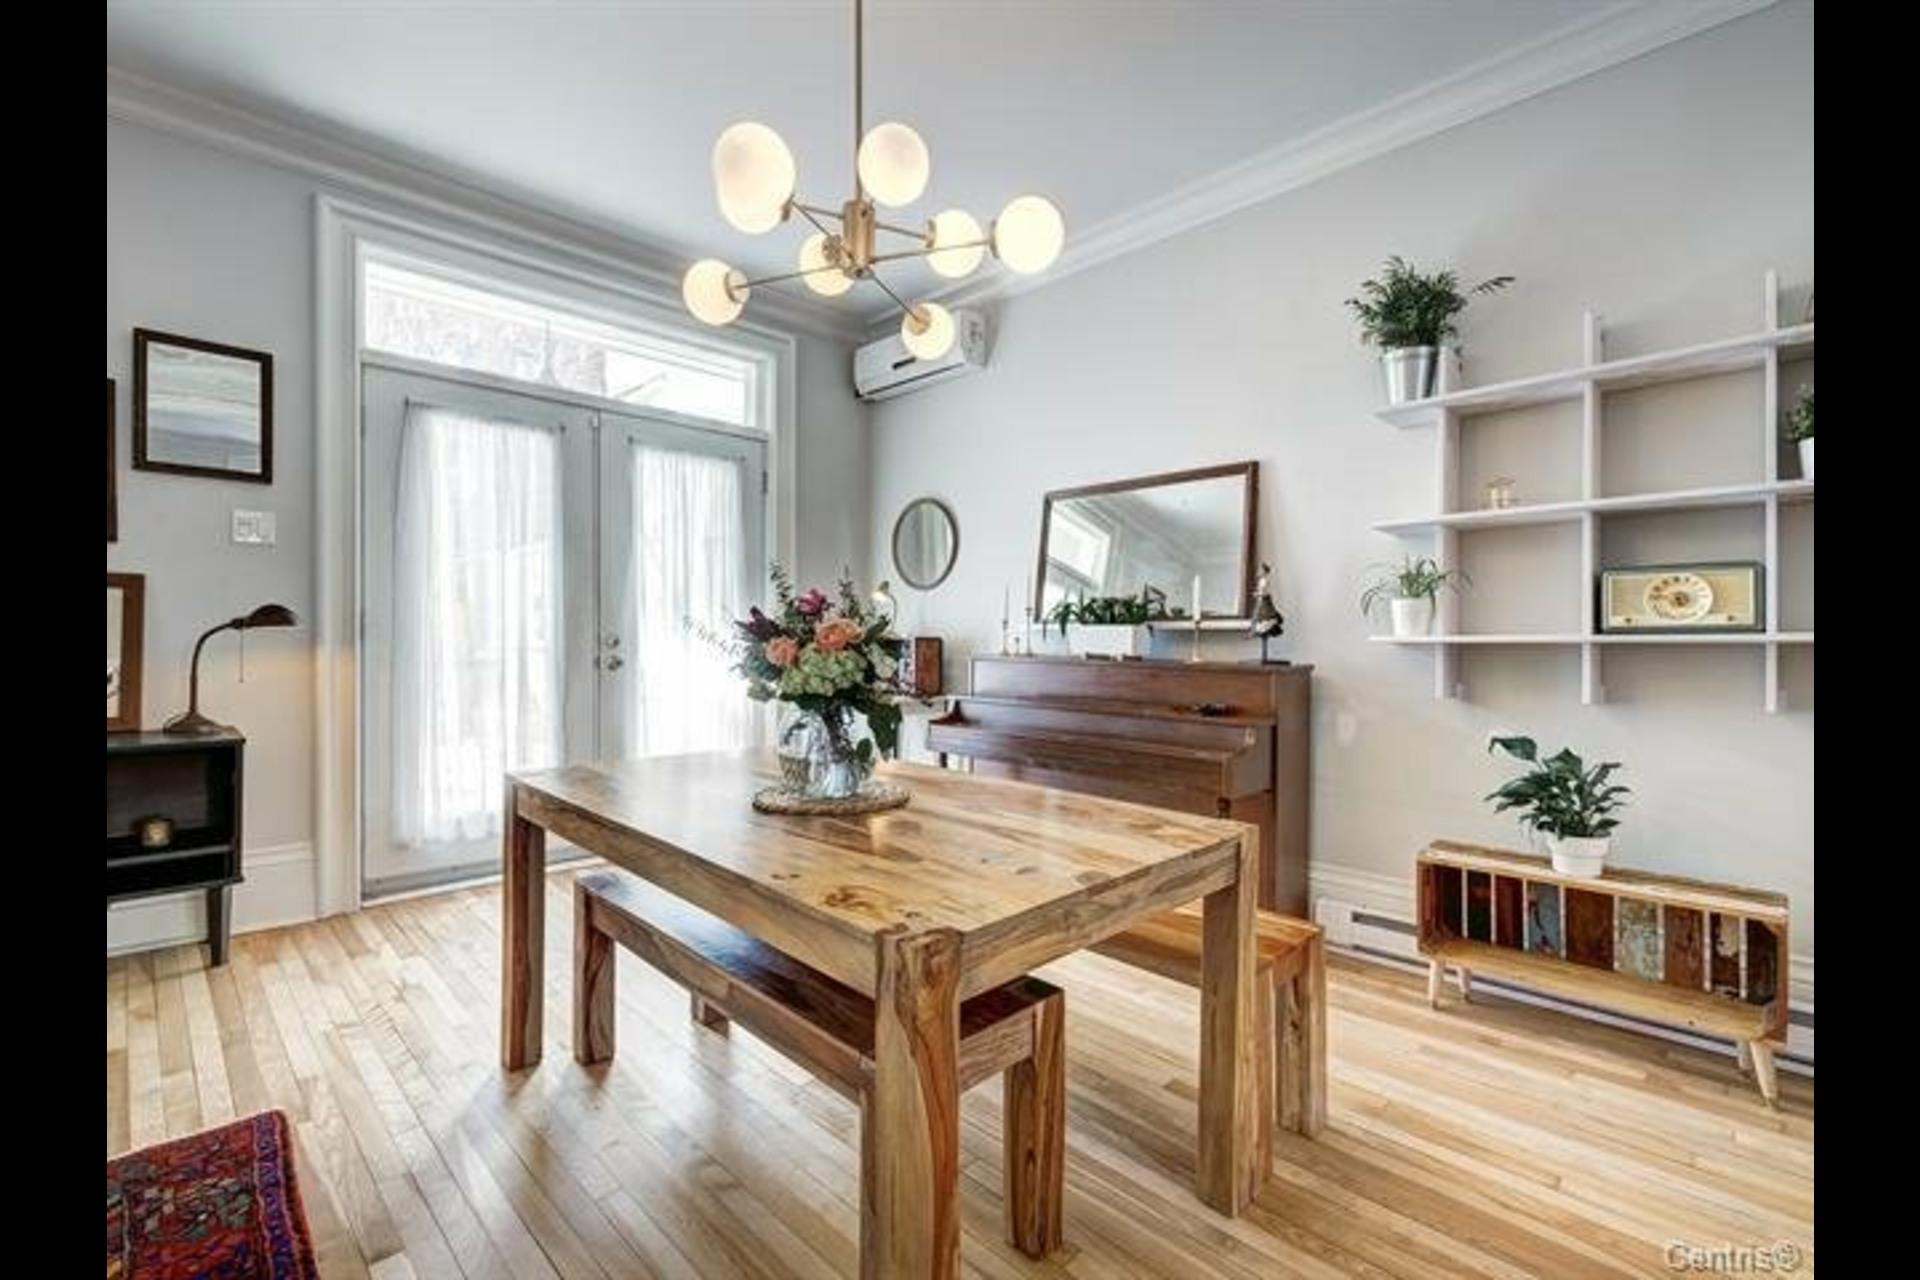 image 5 - Maison À vendre Le Plateau-Mont-Royal Montréal  - 6 pièces